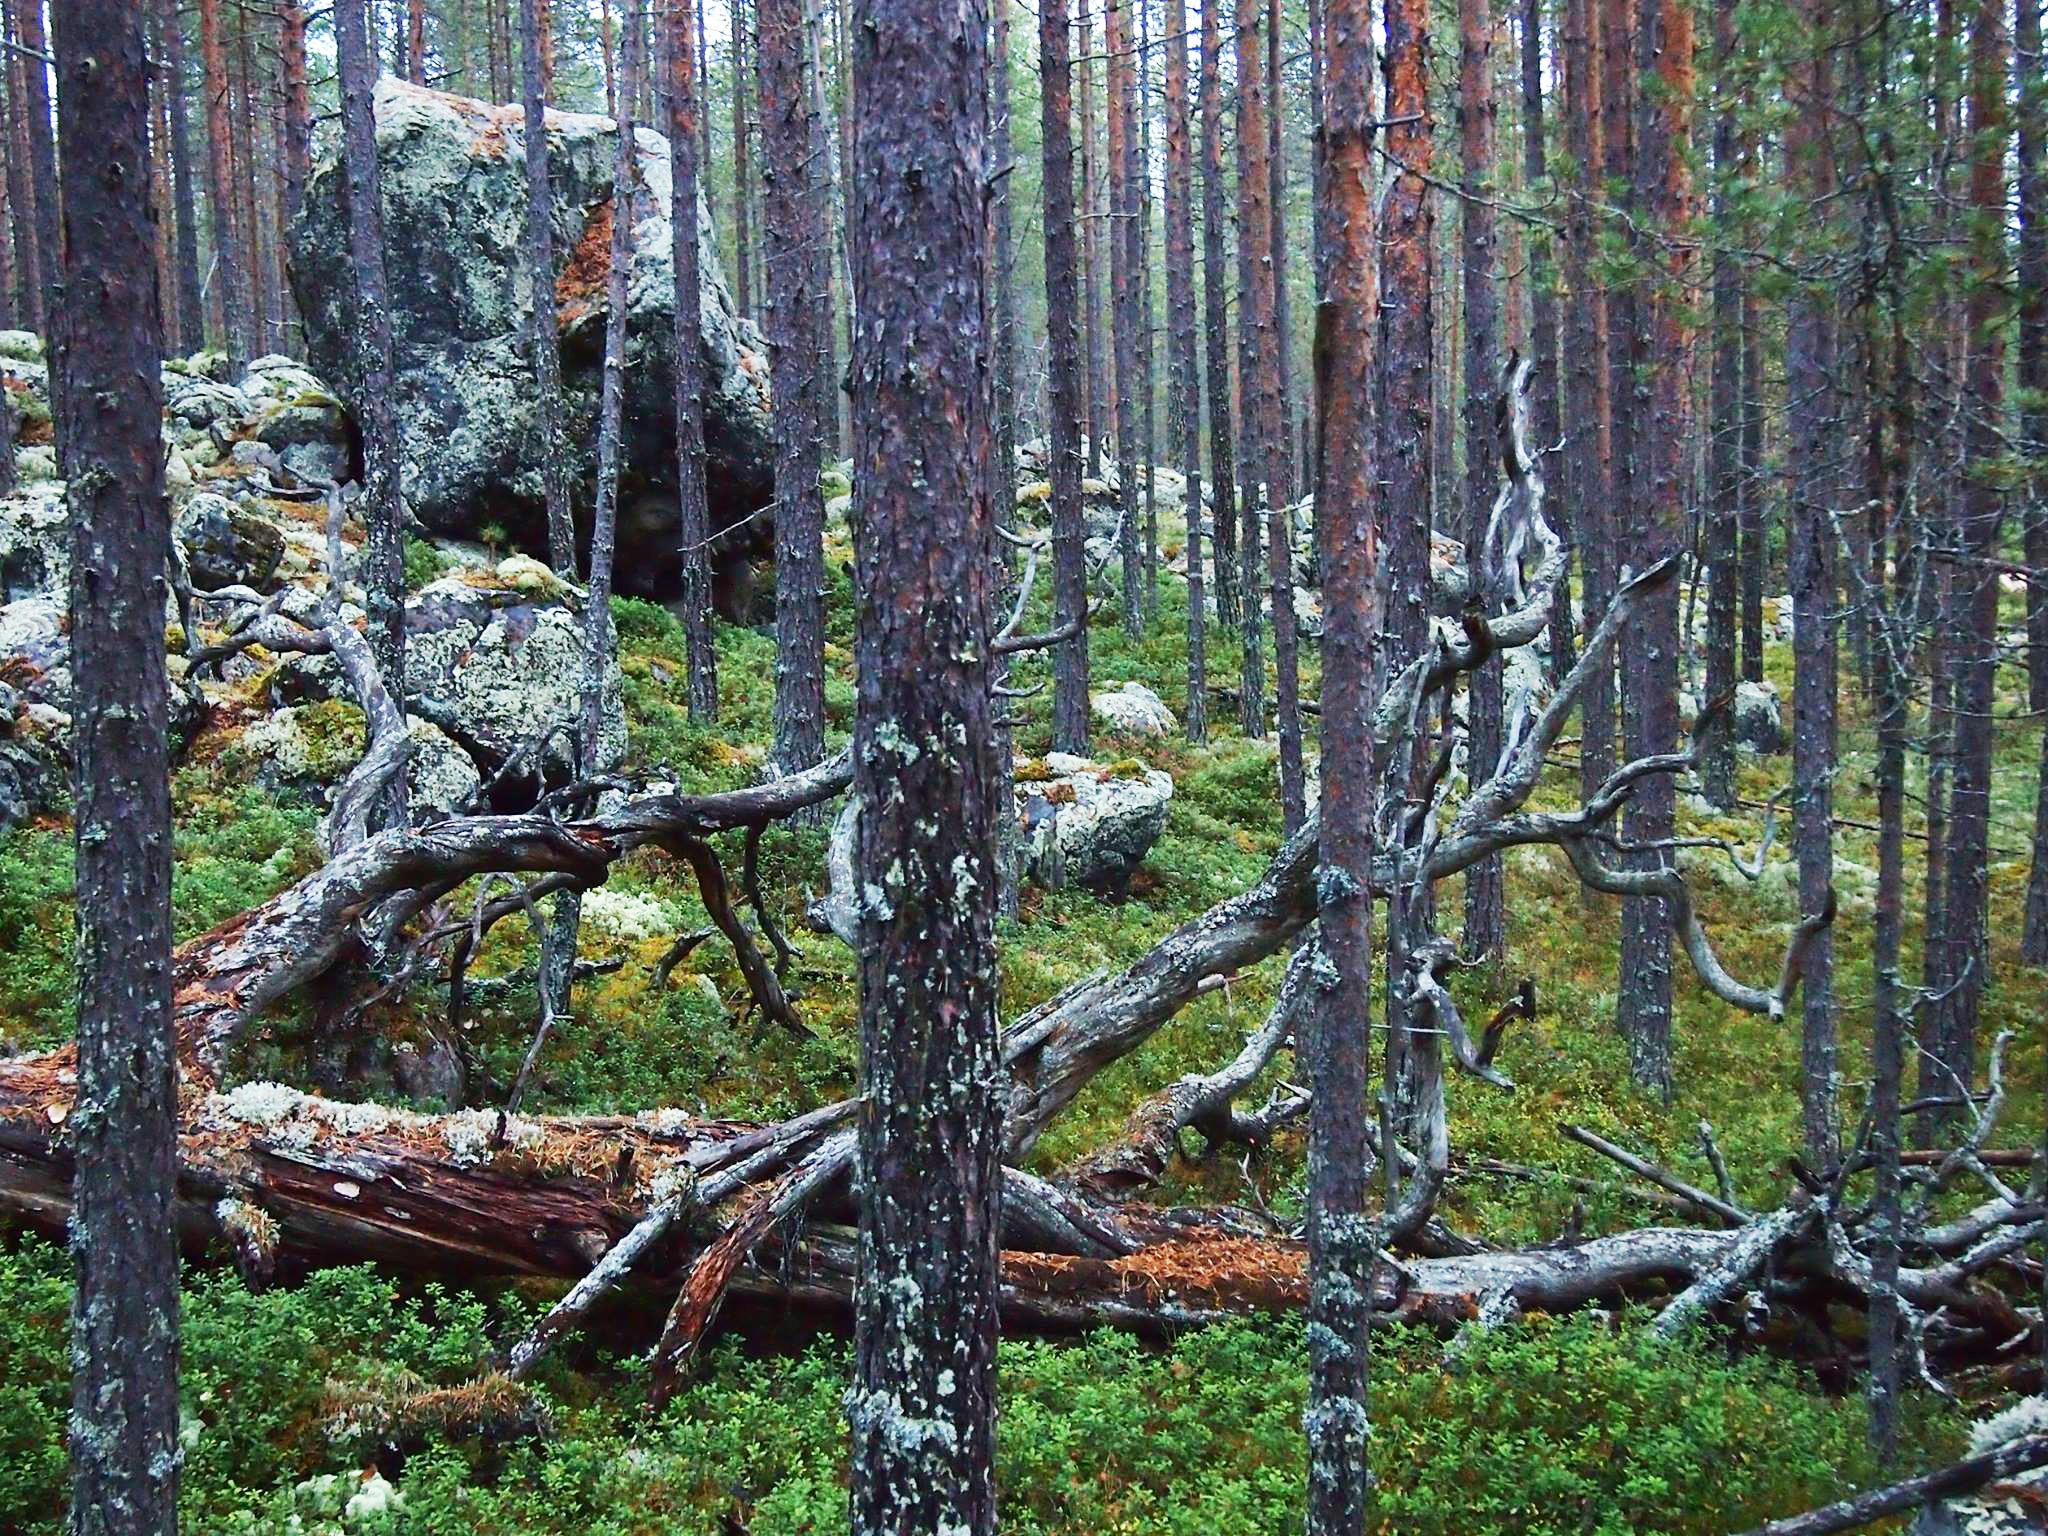 Расходы бюджета Карелии на охрану окружающей среды сократились в этом году на четверть. Фото: Валерий Поташов